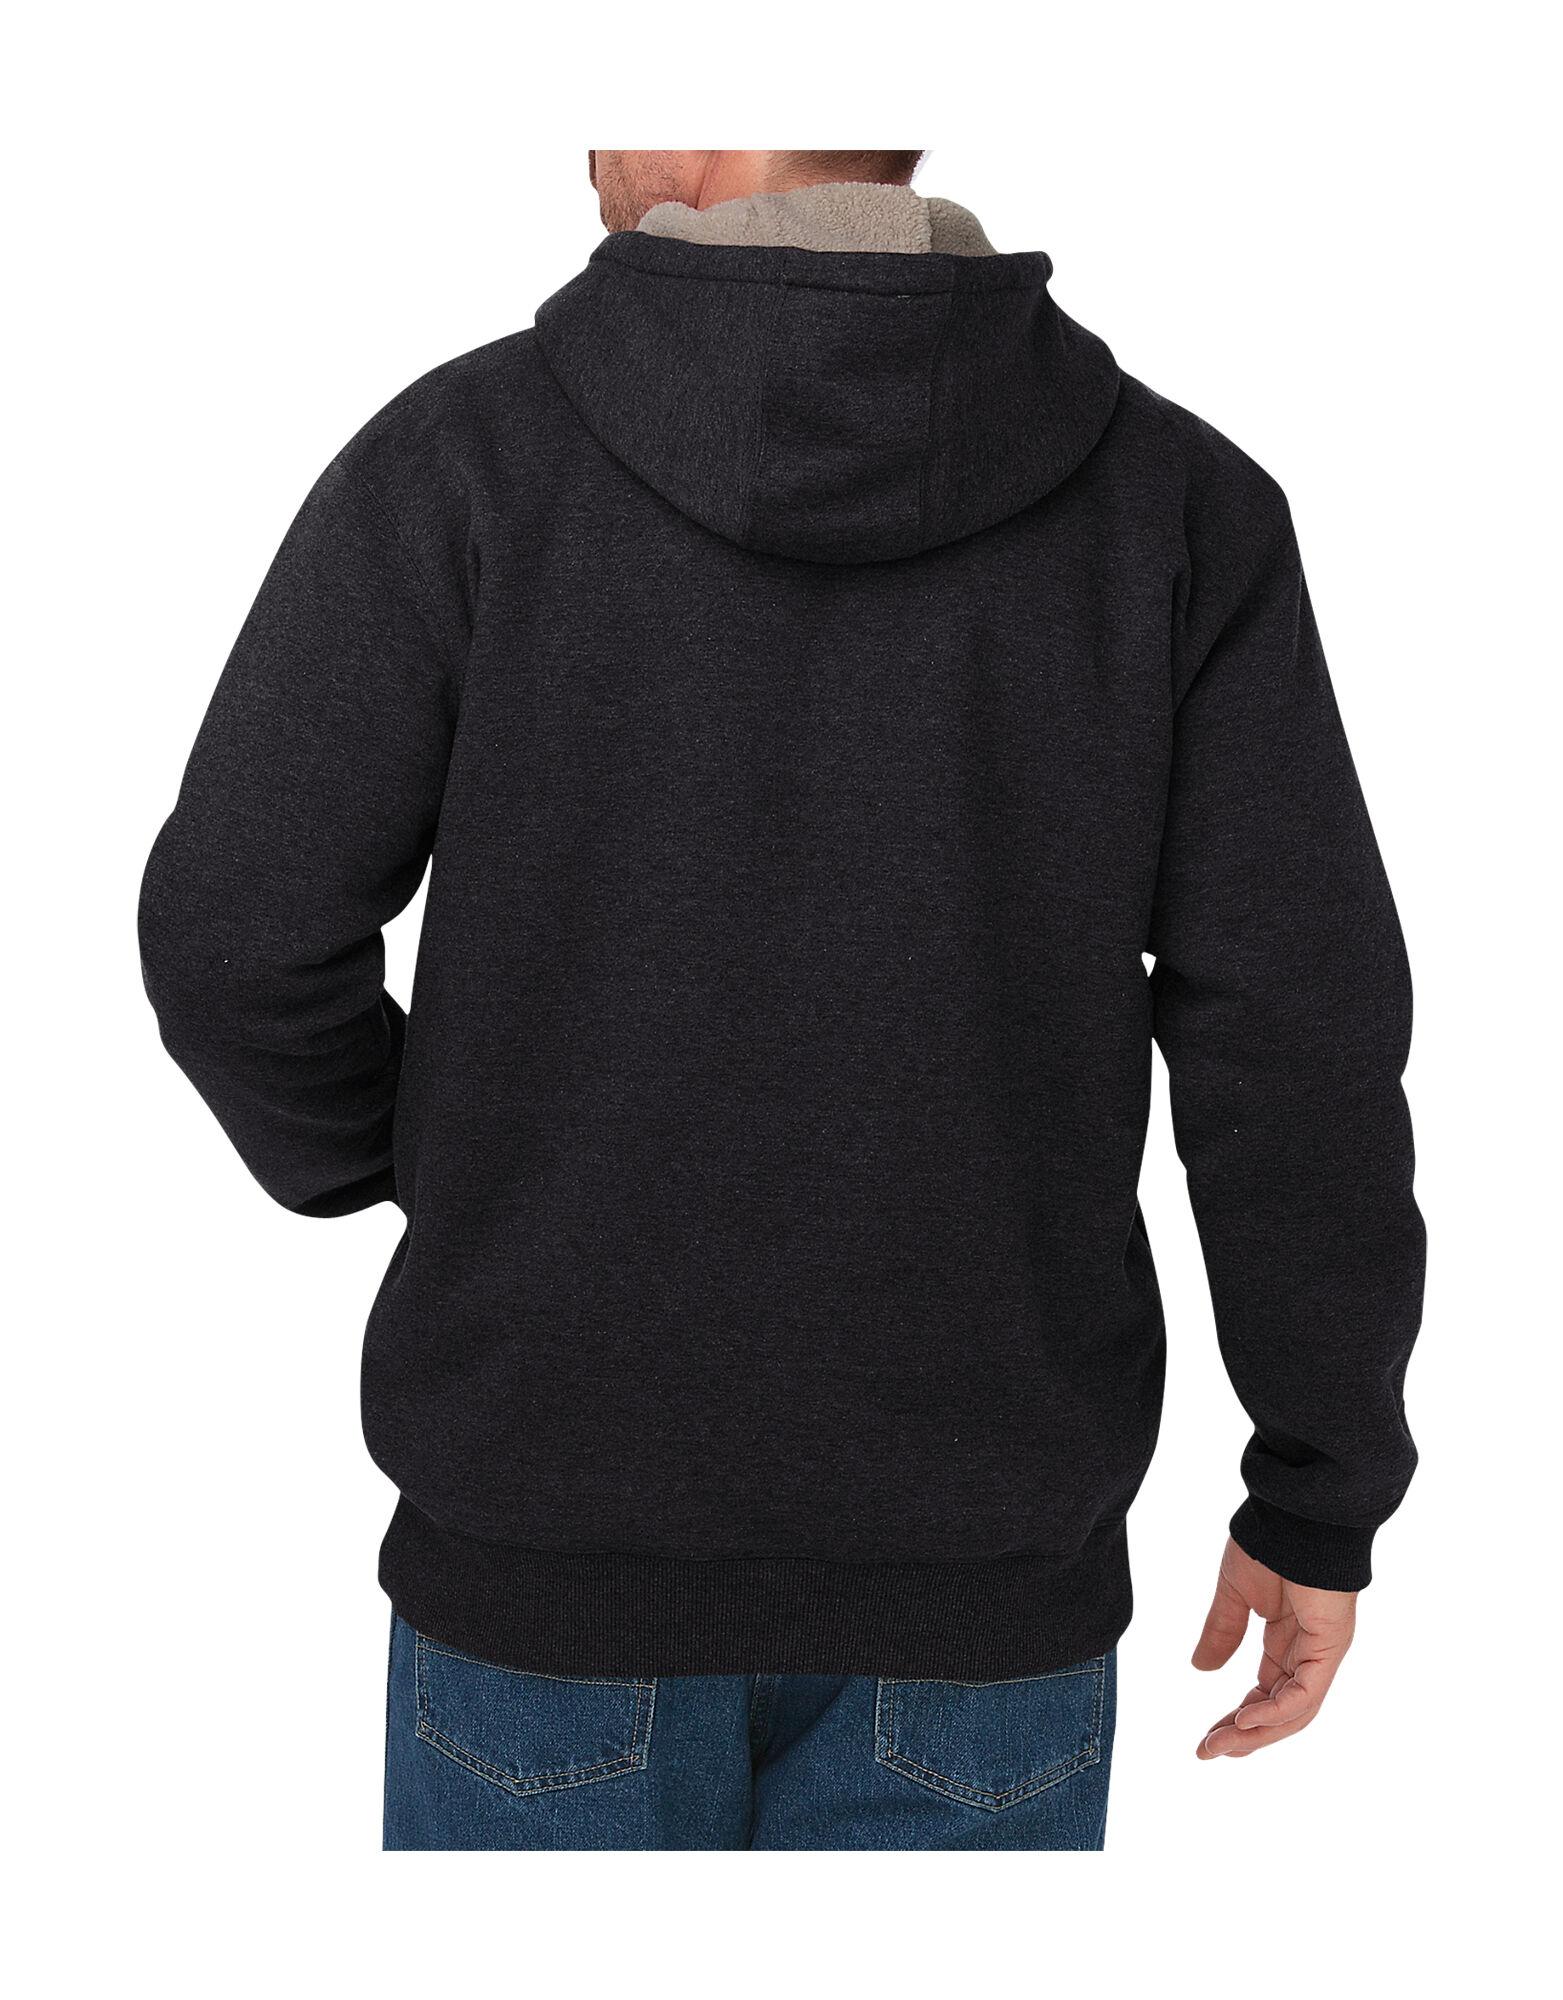 Fleece lined hoodie